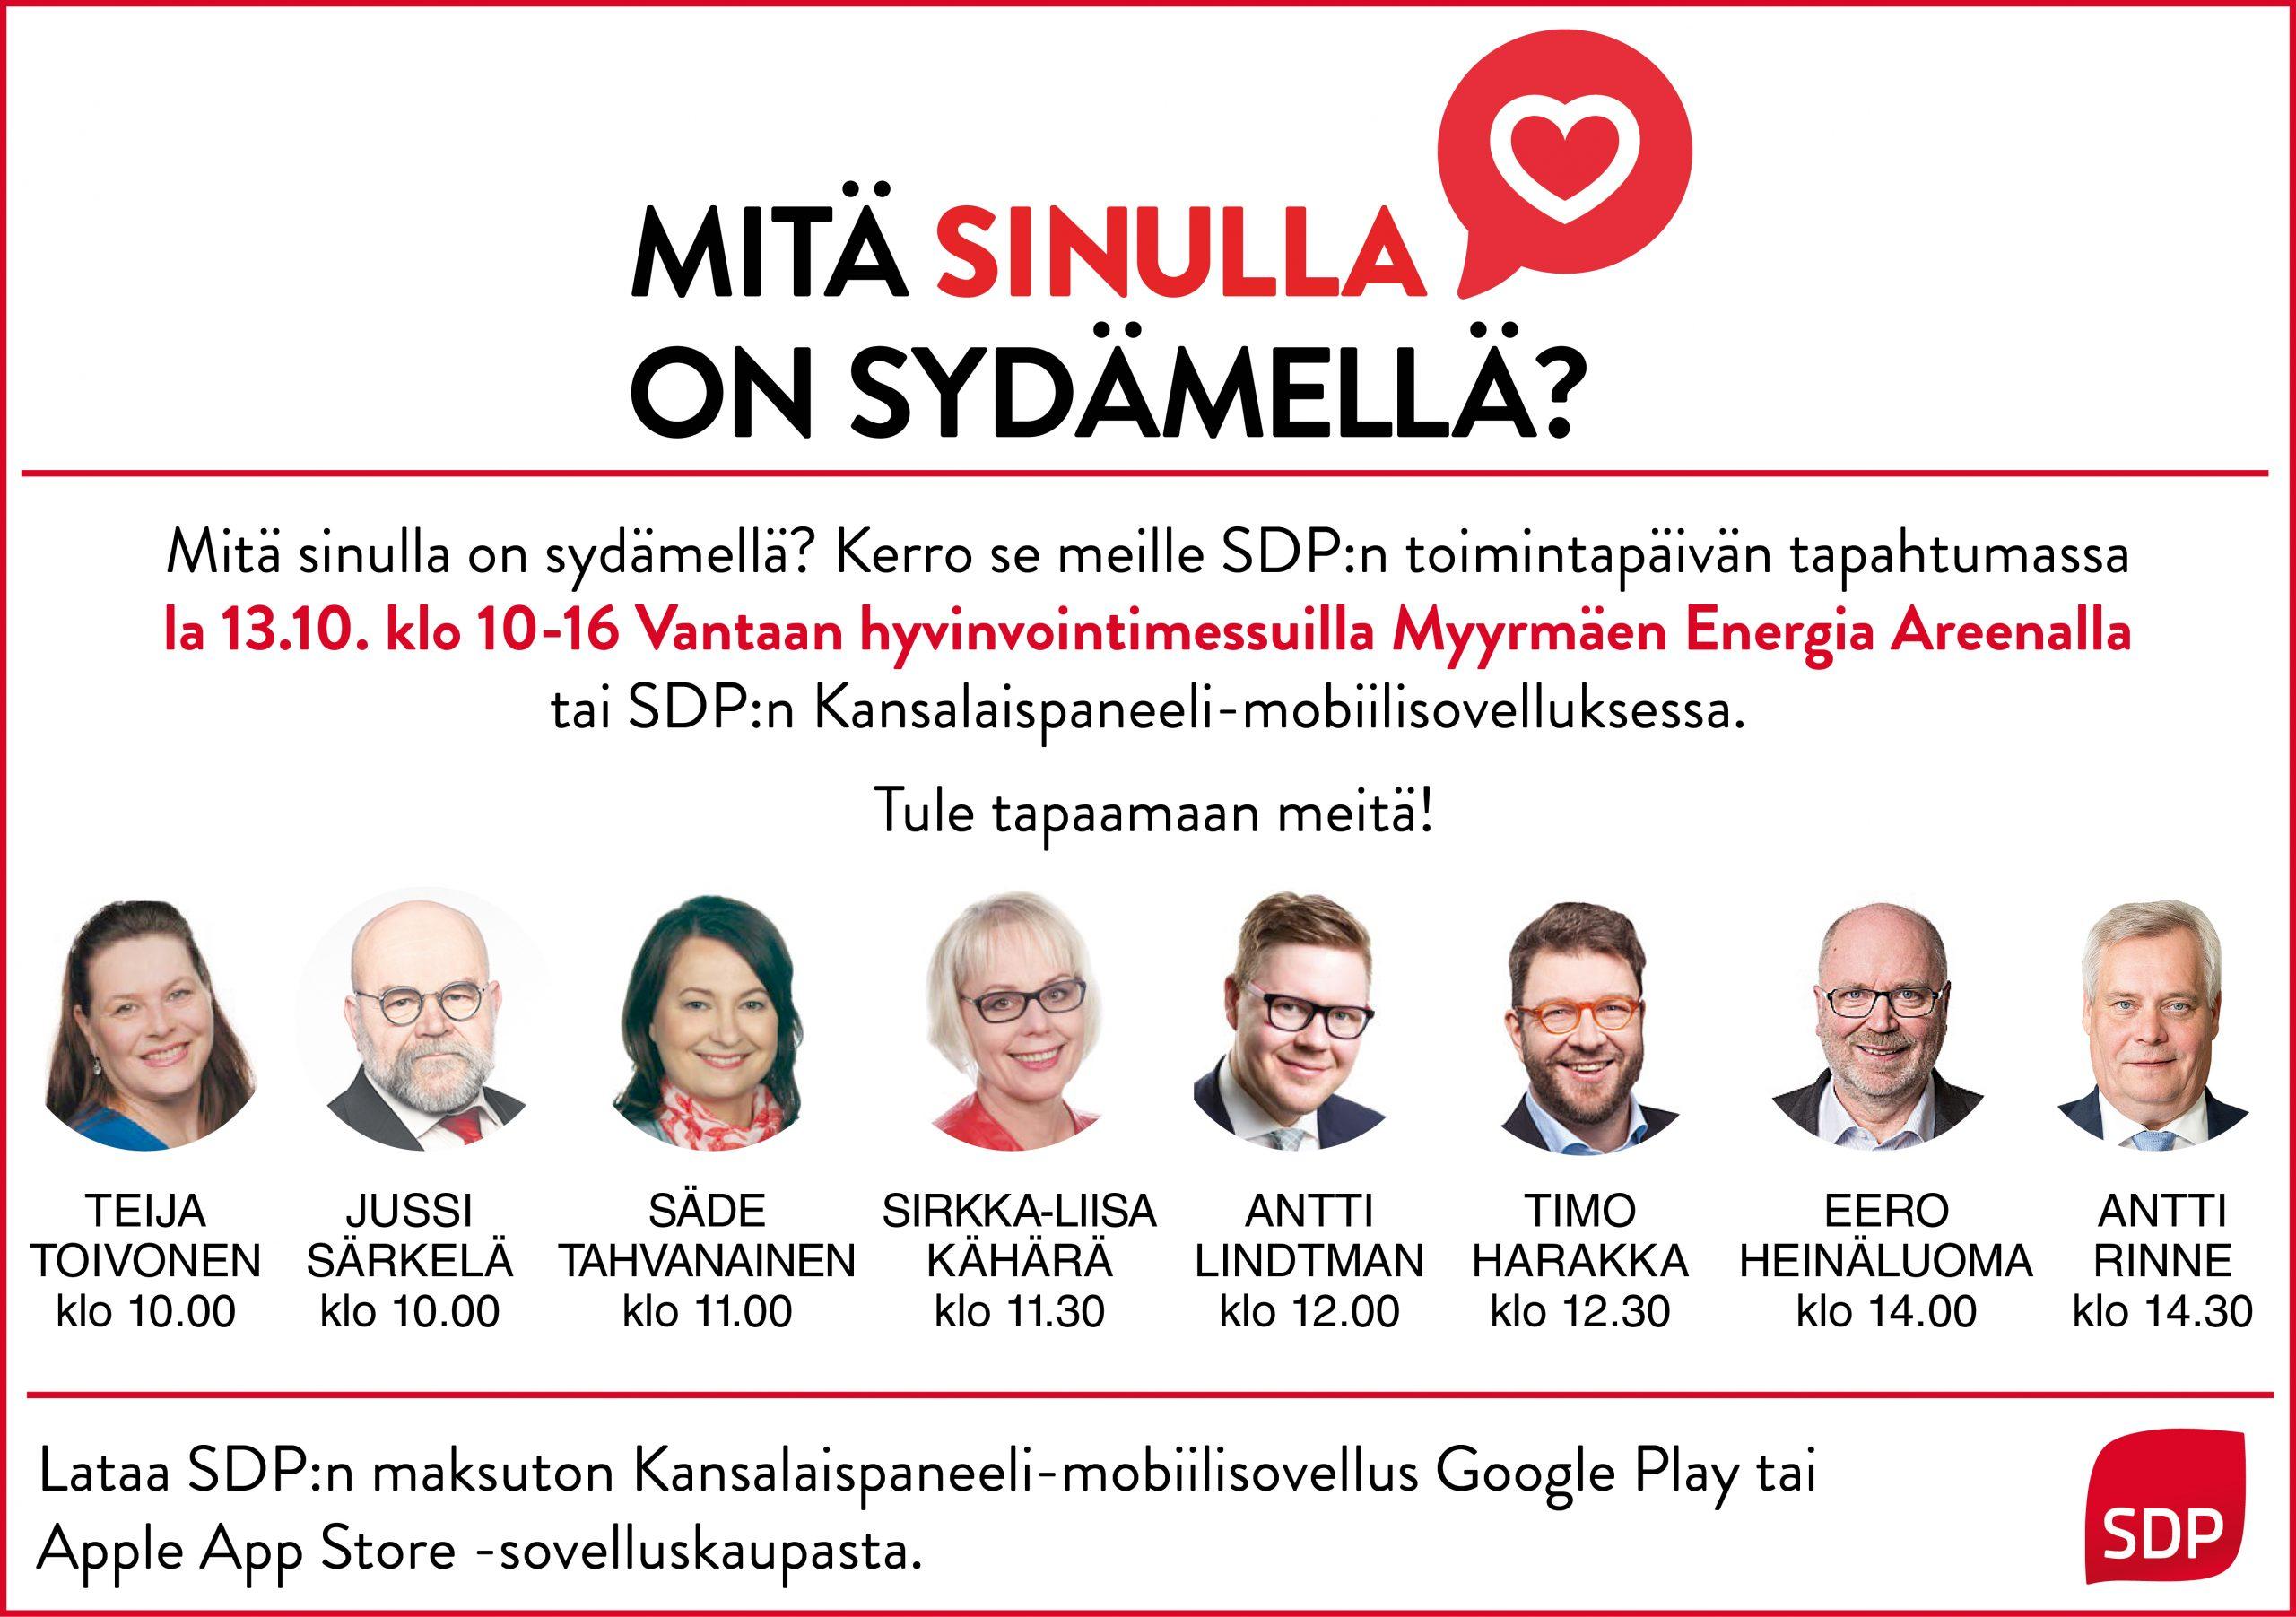 Varsinais-Suomi Eduskuntavaaliehdokkaat